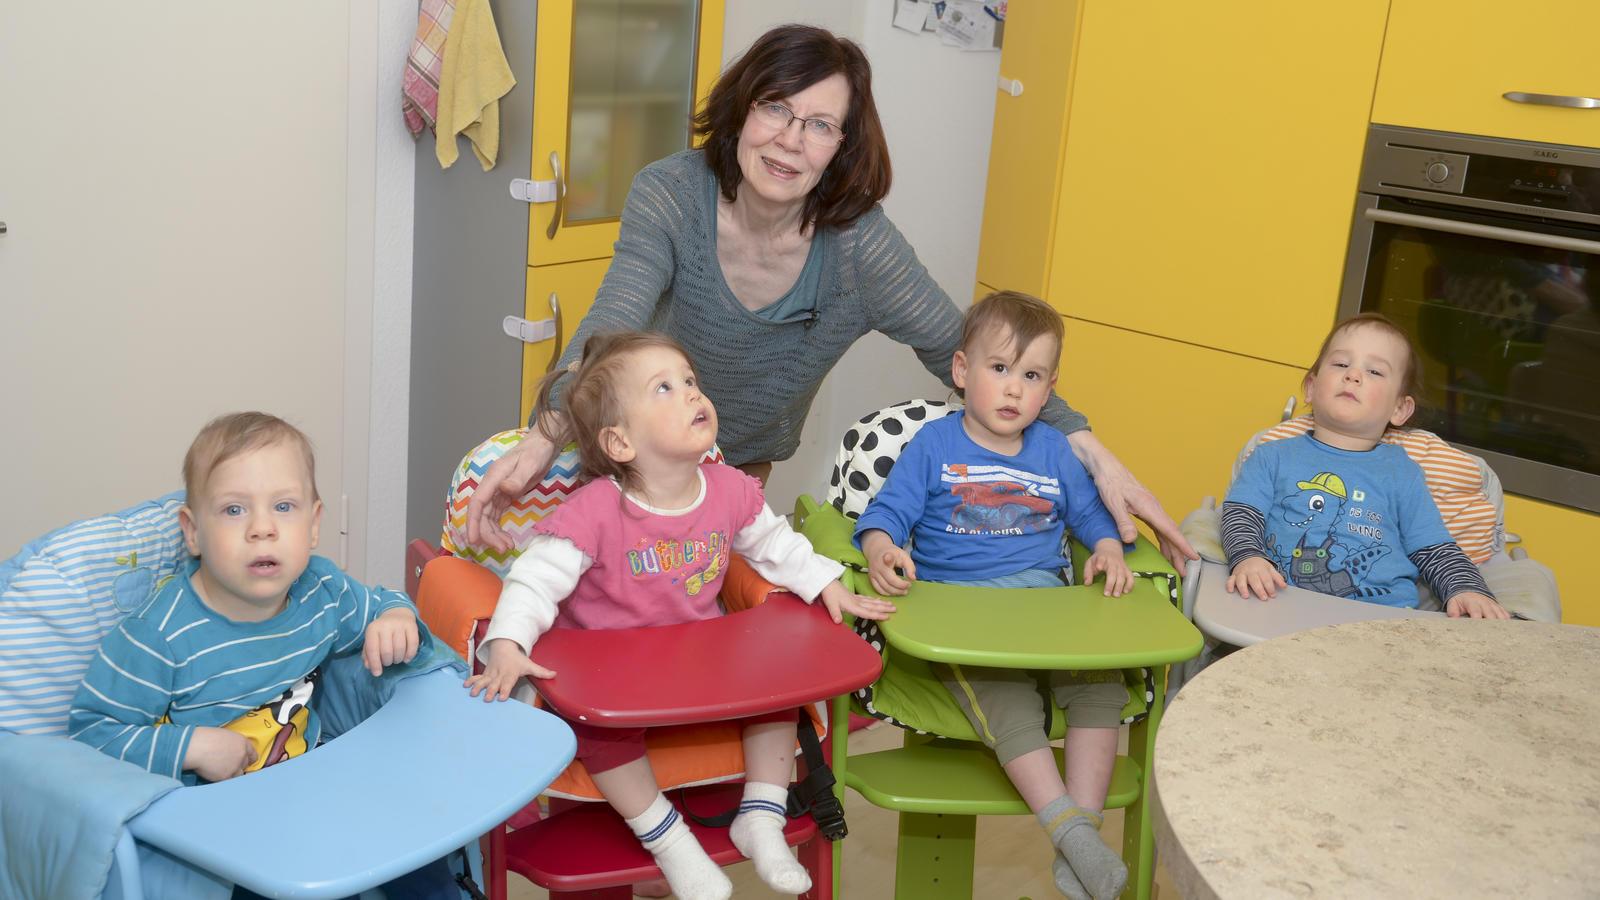 Wiedersehen Zum Zweiten Geburtstag Birgit Schrowange Besucht Die